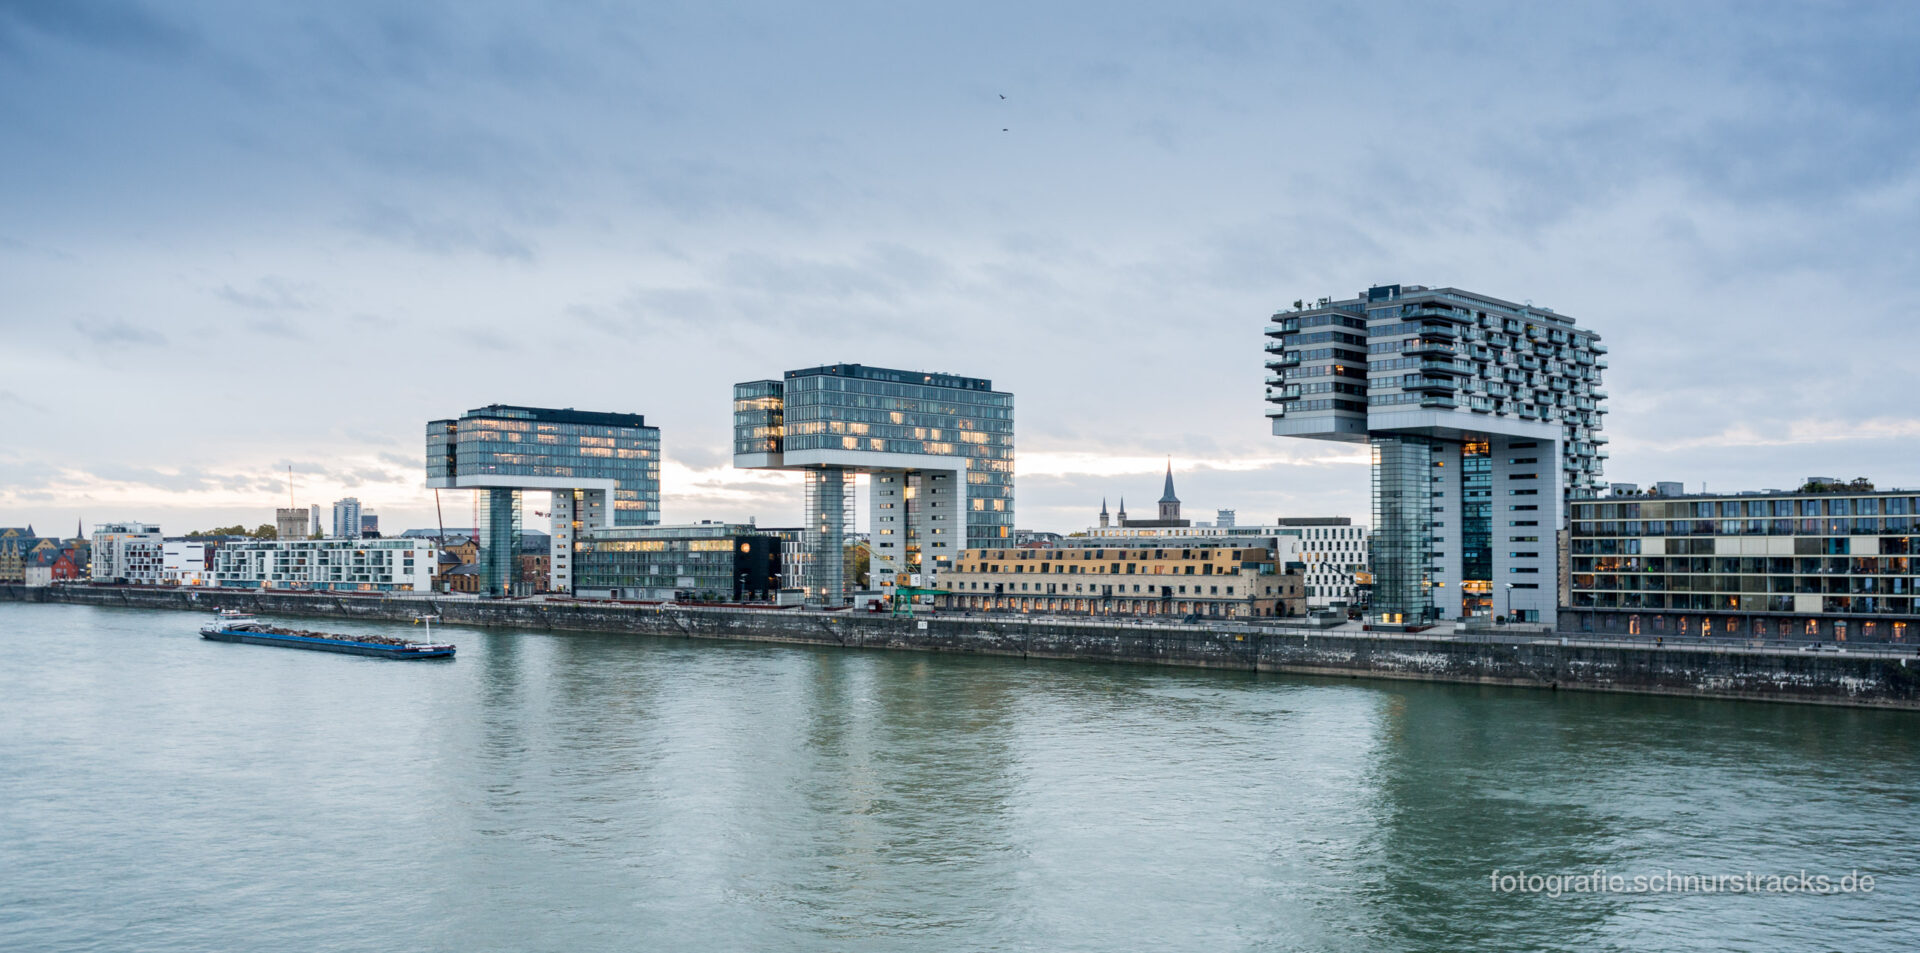 Kranhäuser am Rhein